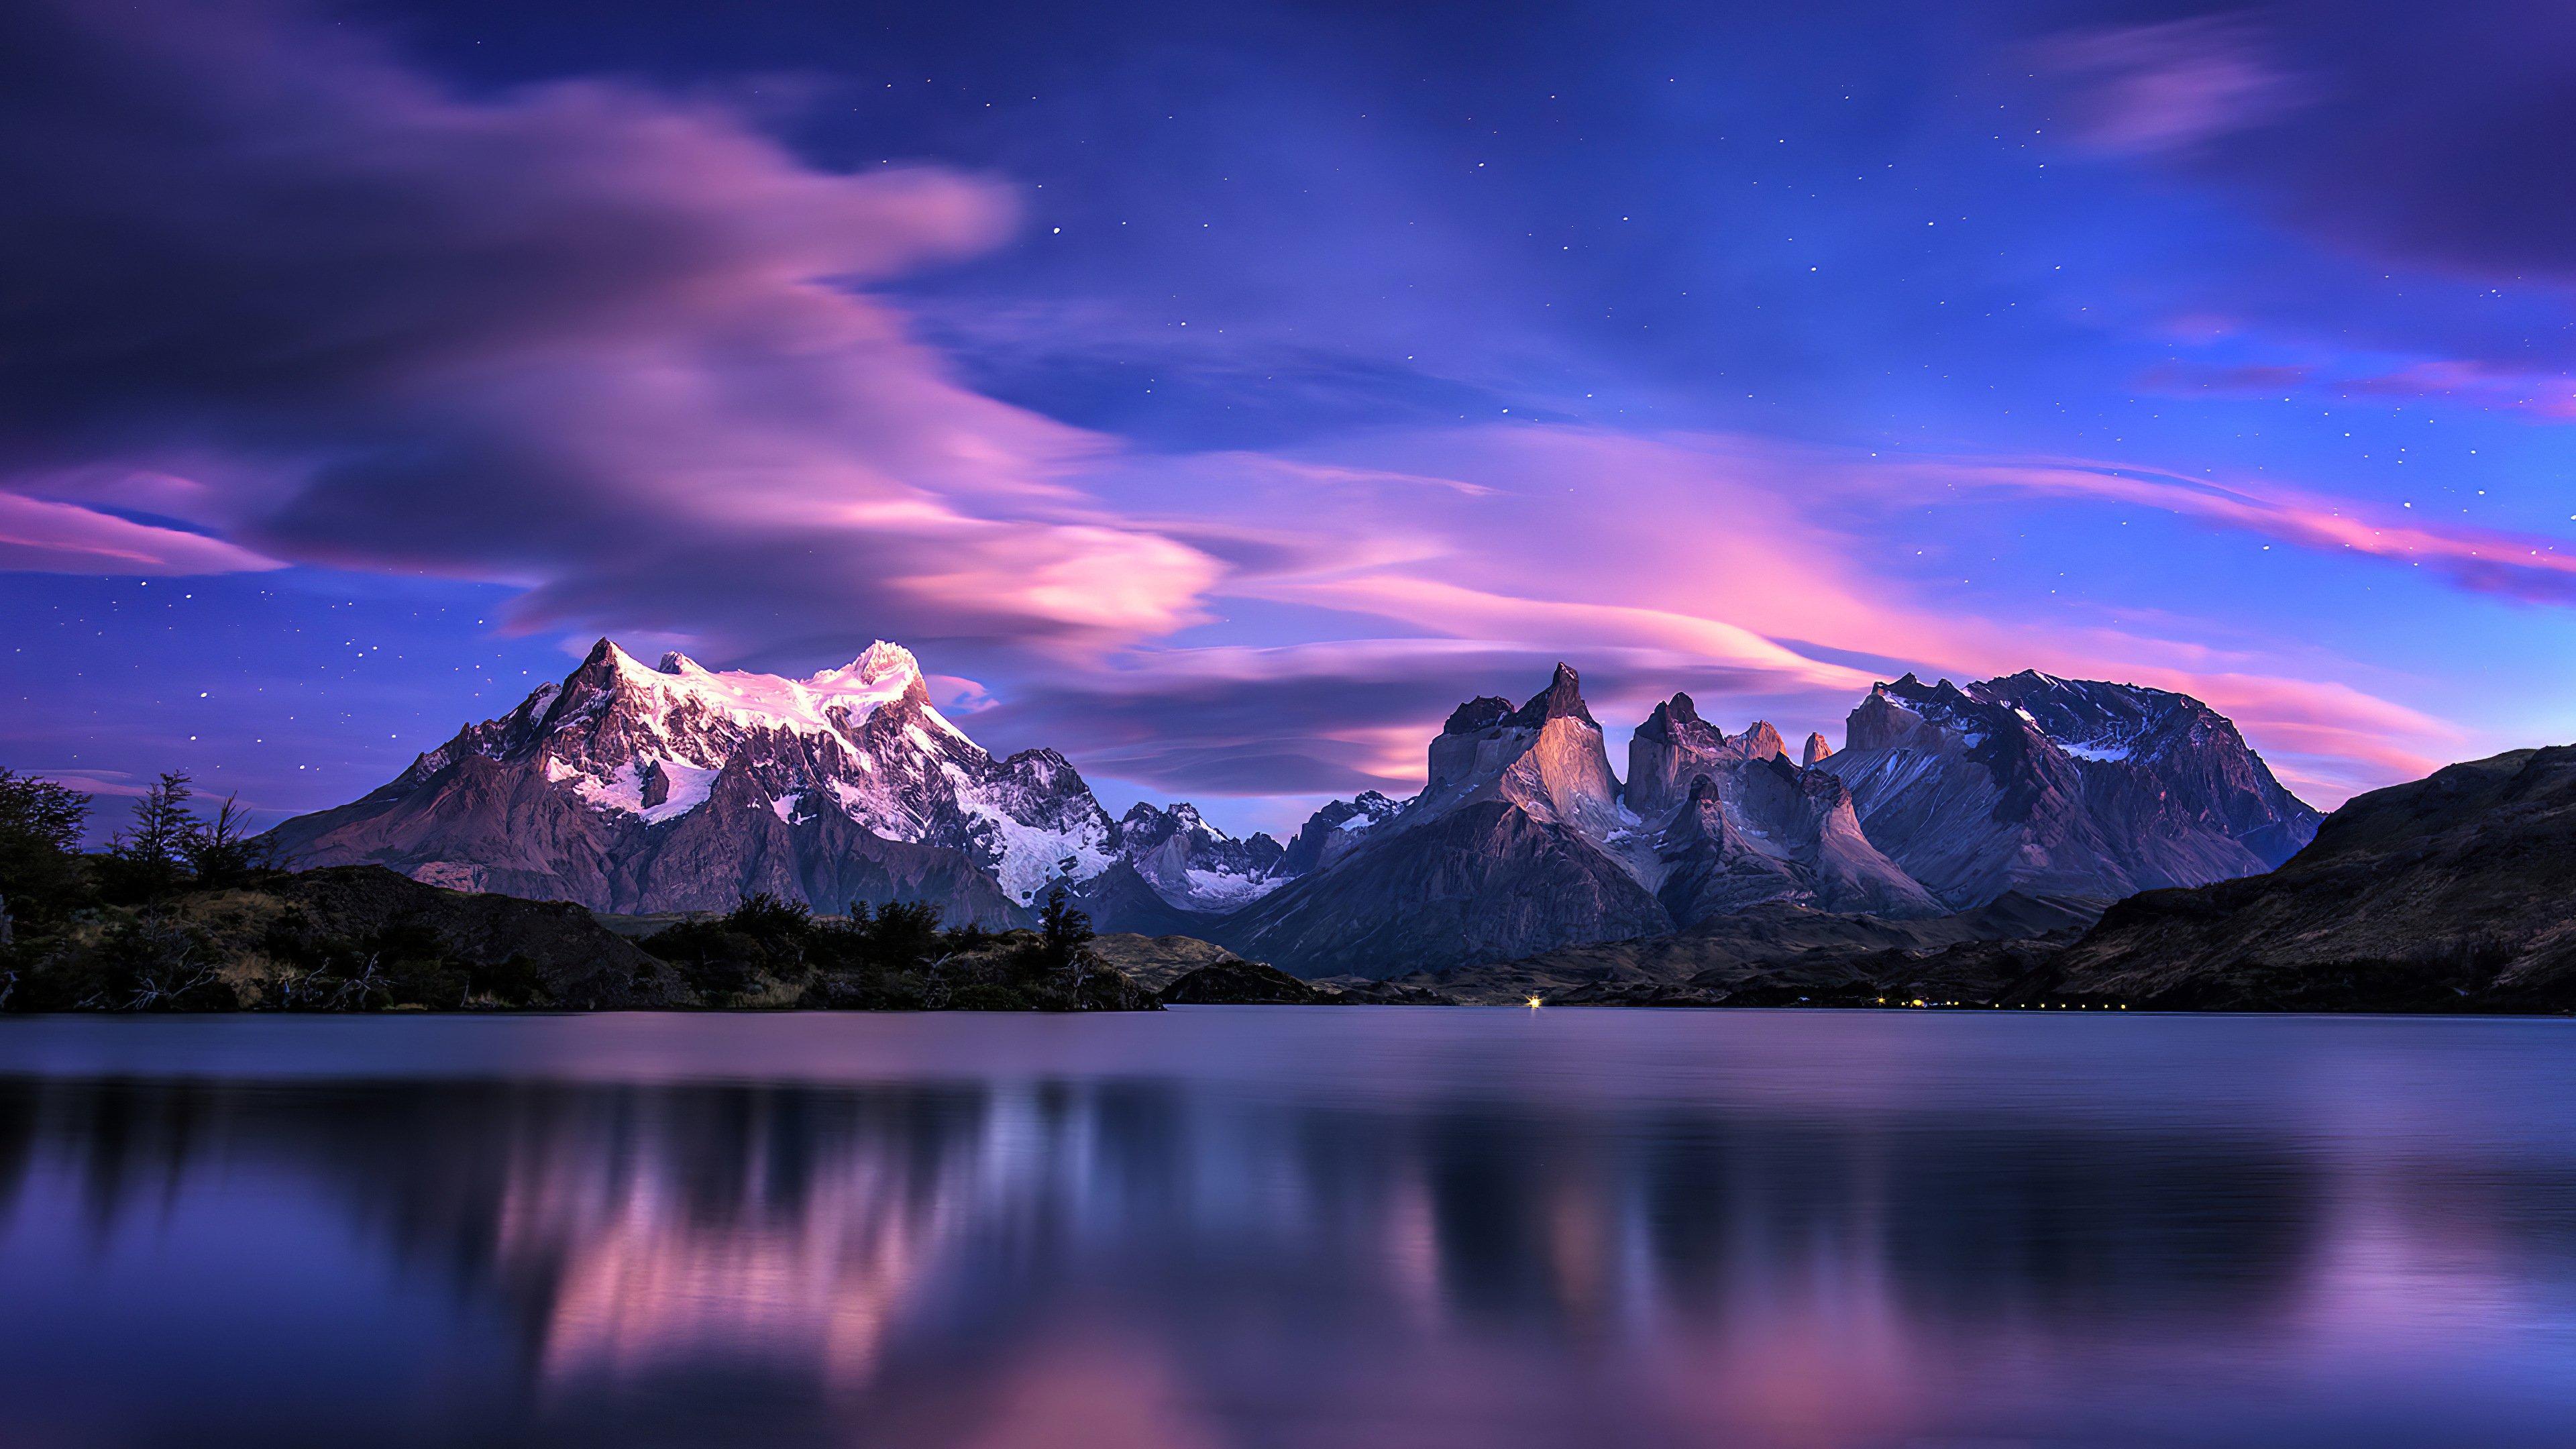 Fondos de pantalla Montañas en lago al atardecer